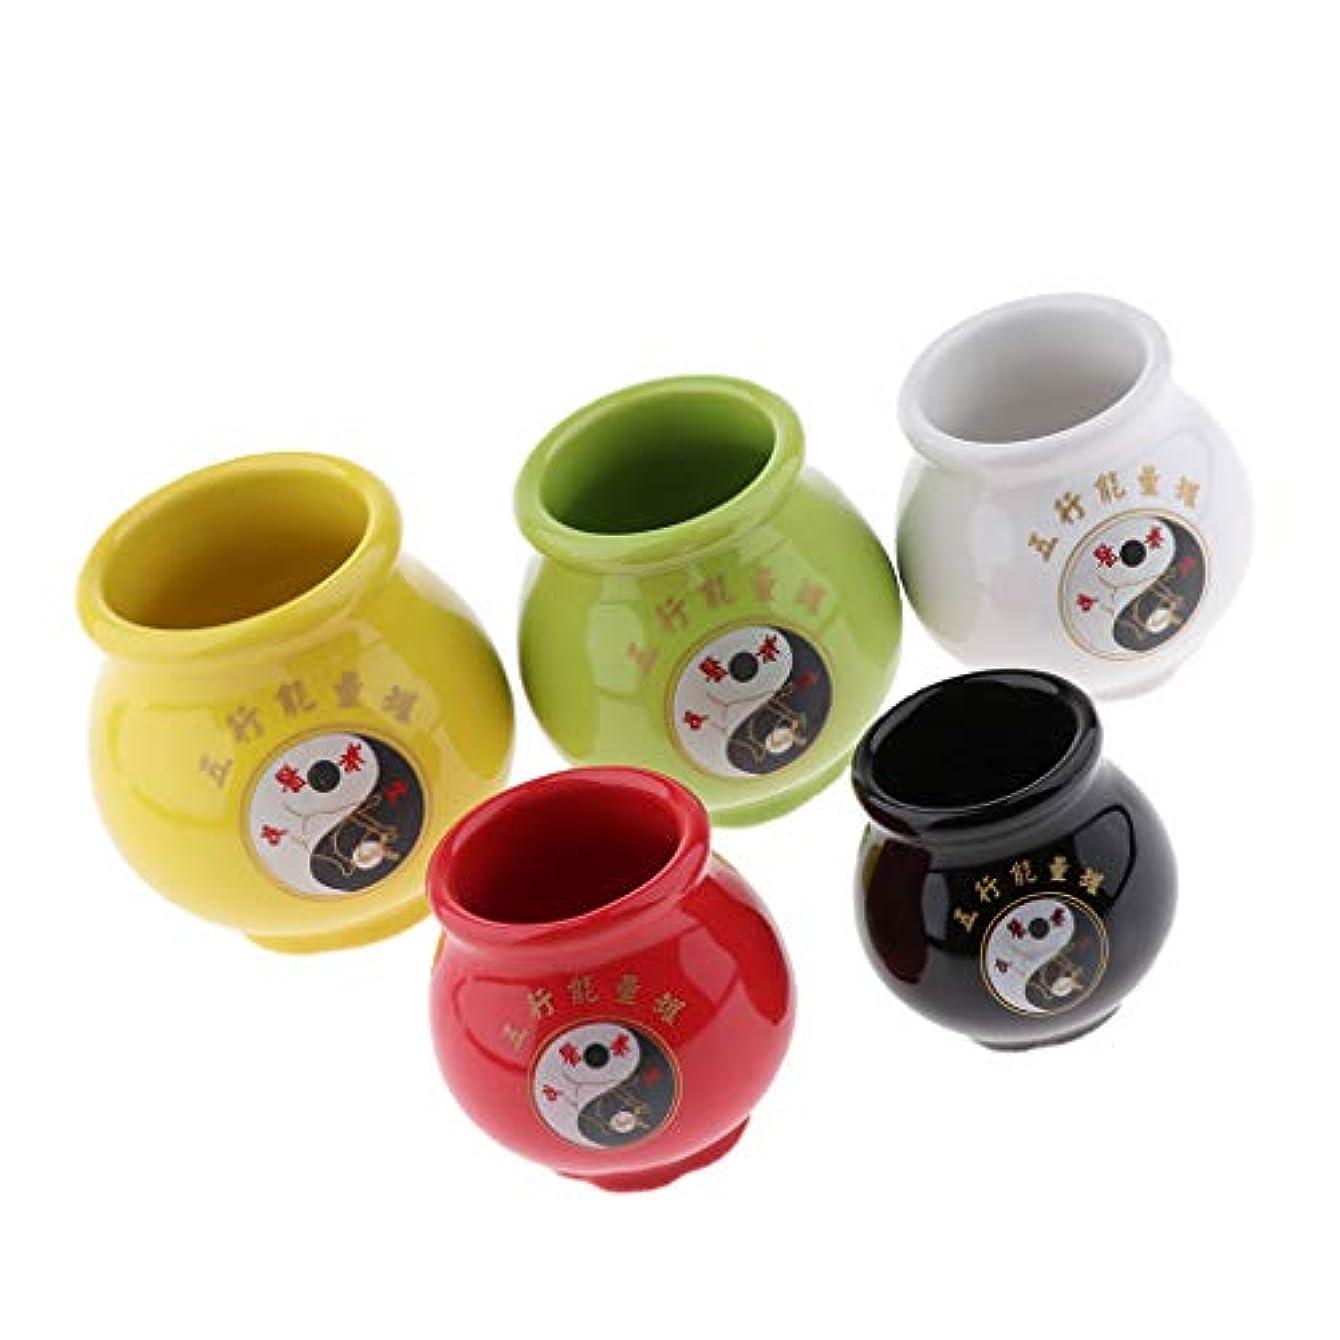 恥横家禽5個 吸い玉カップ カッピングカップ セラミック製カッピング 真空 健康ケア 男女兼用 実用的